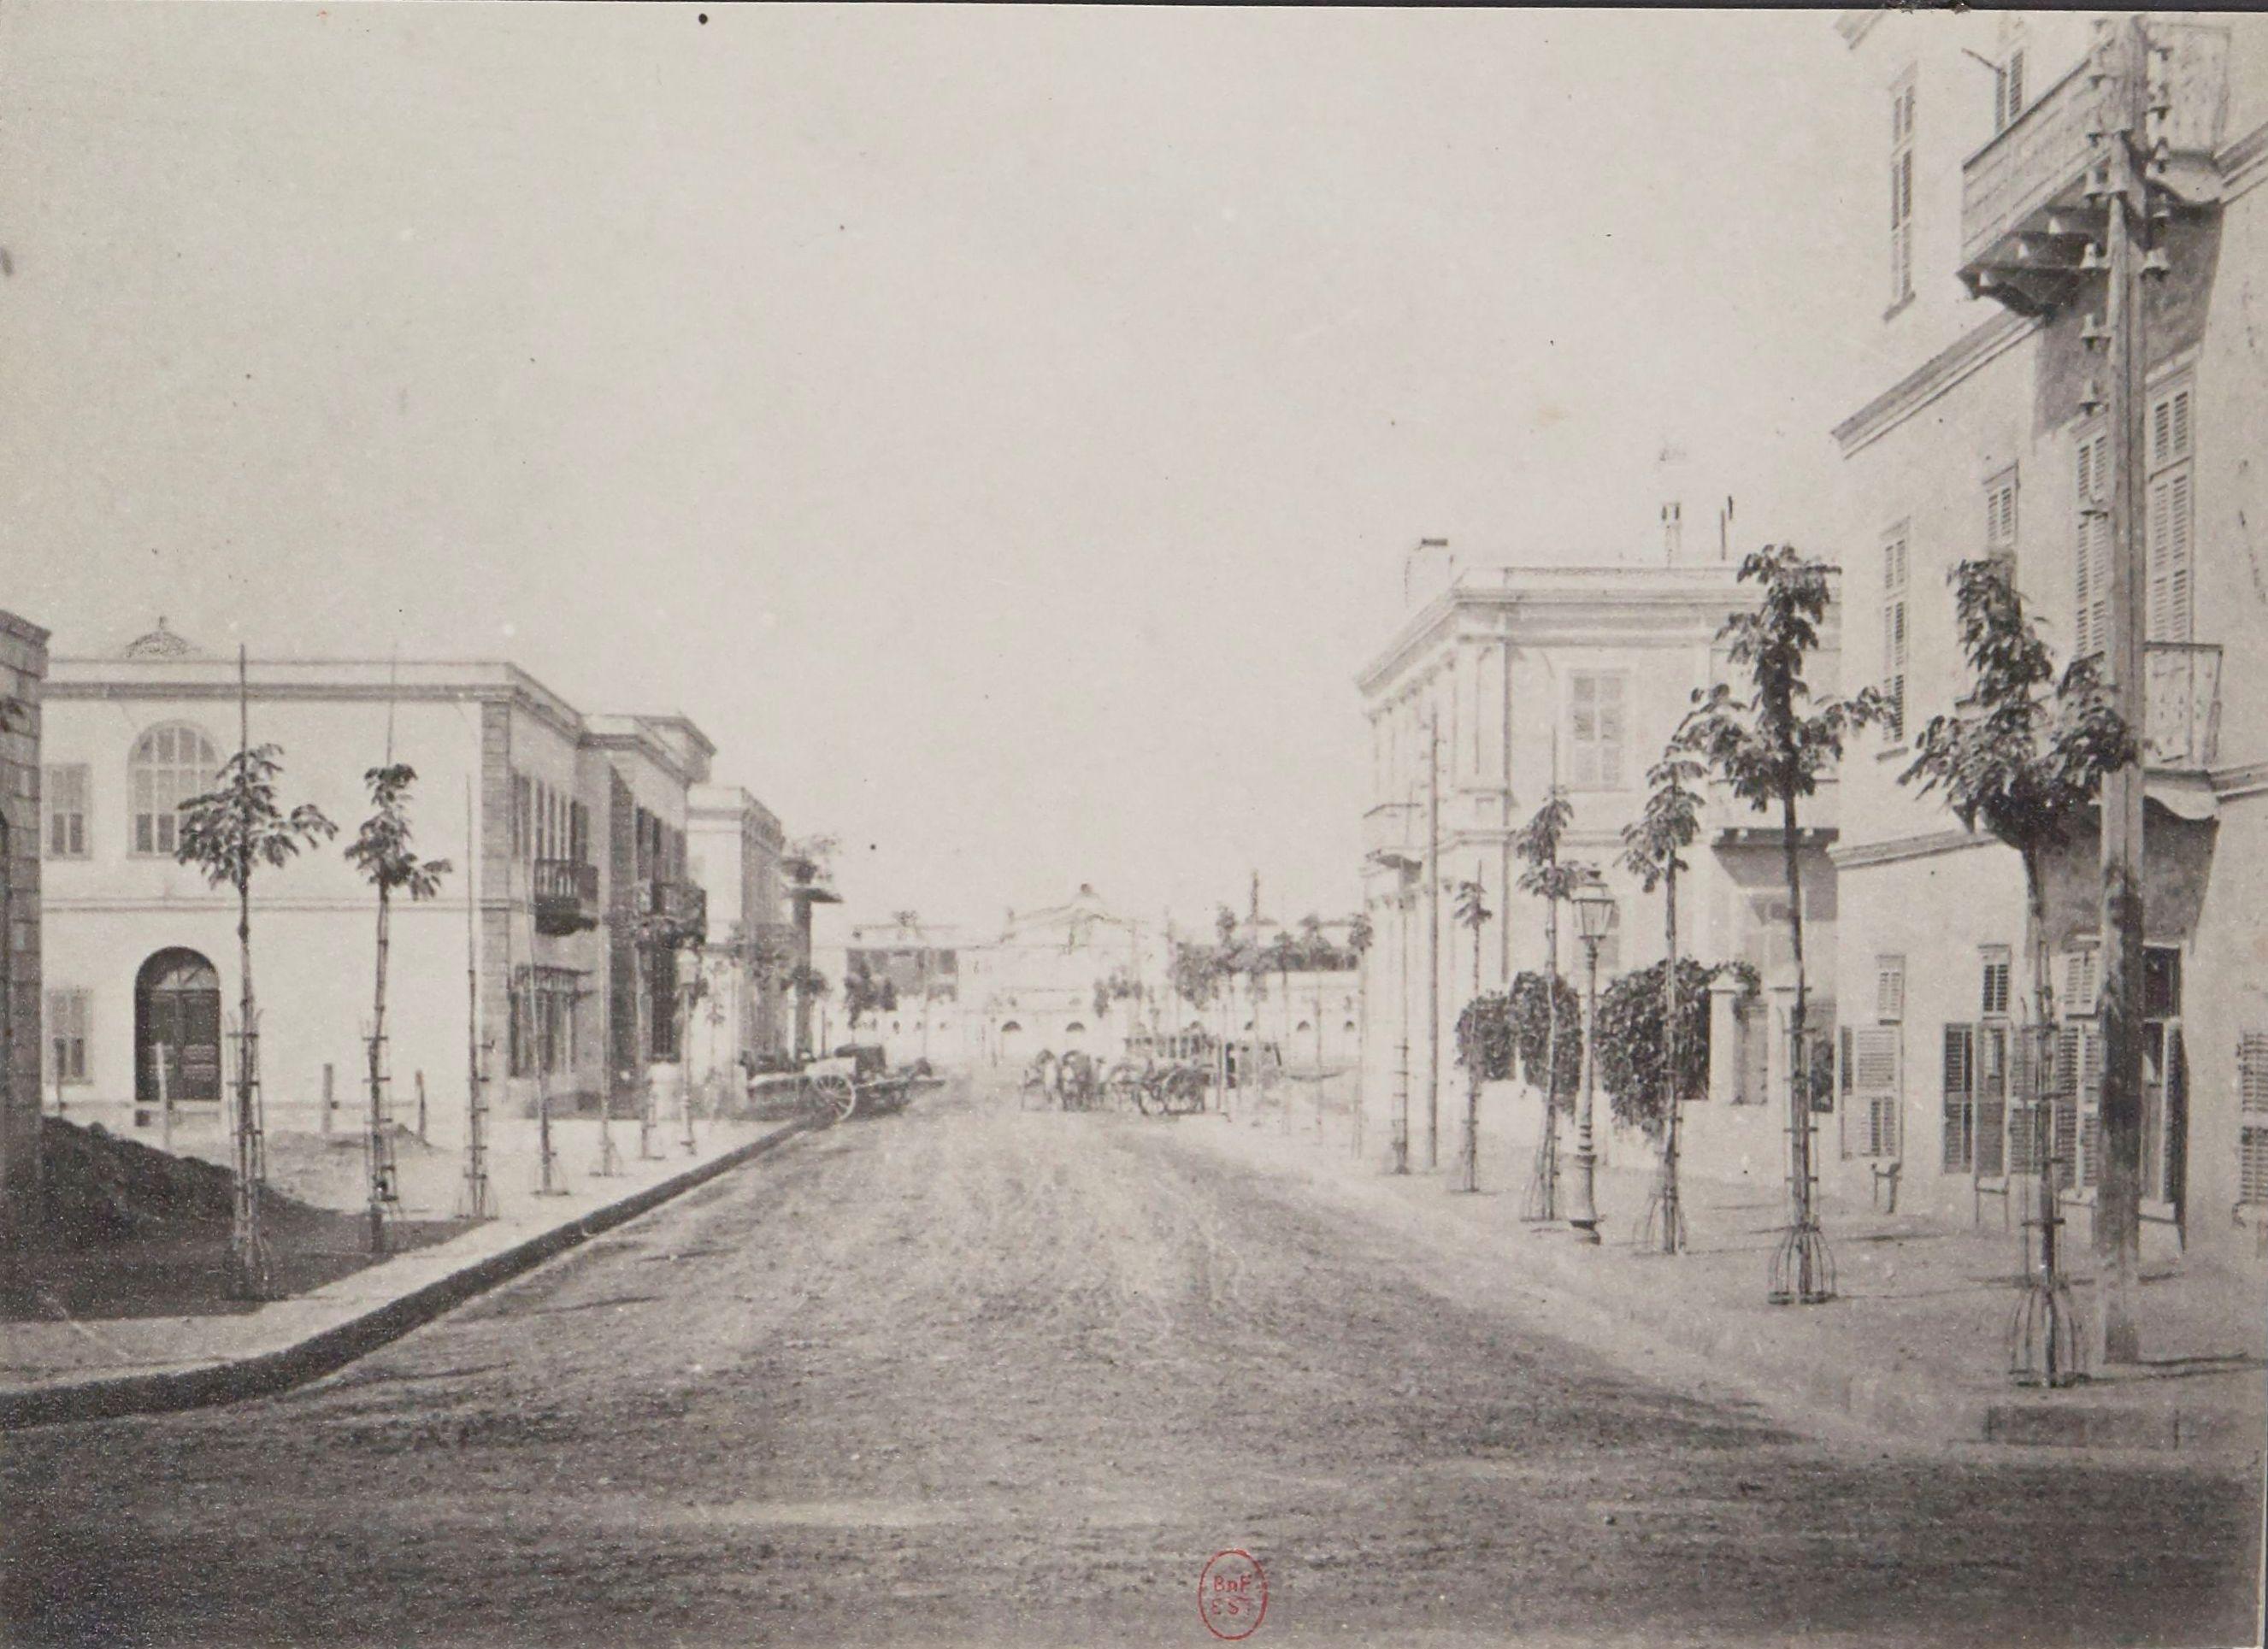 1870. Чарех Каср-ель-Нил